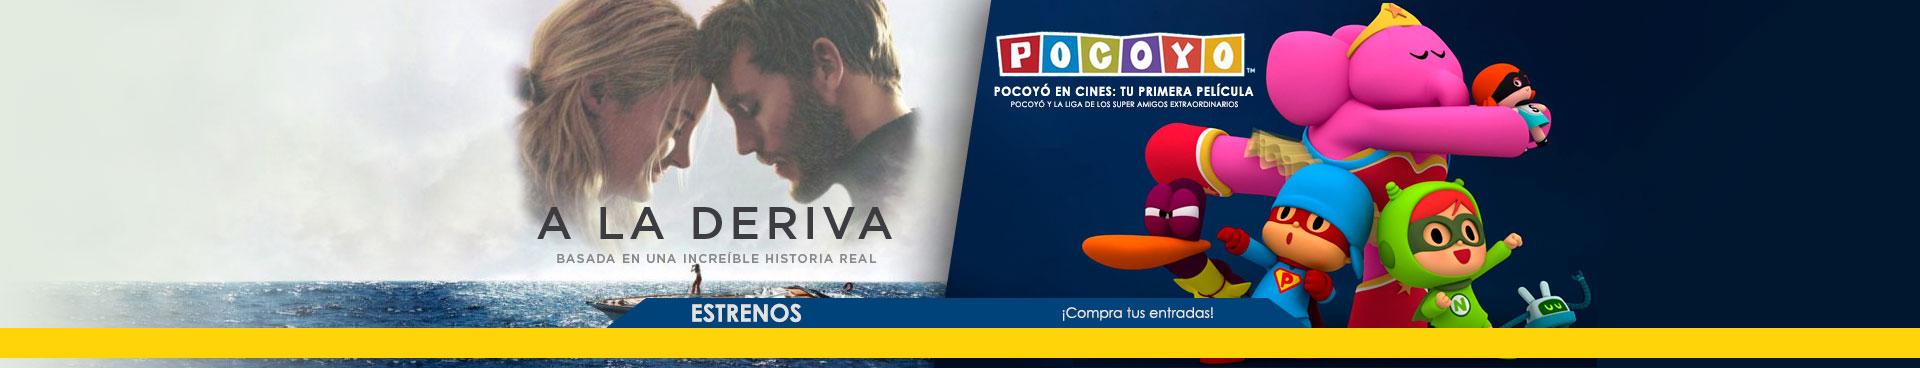 En cartelera a la deriva + Pocoyo